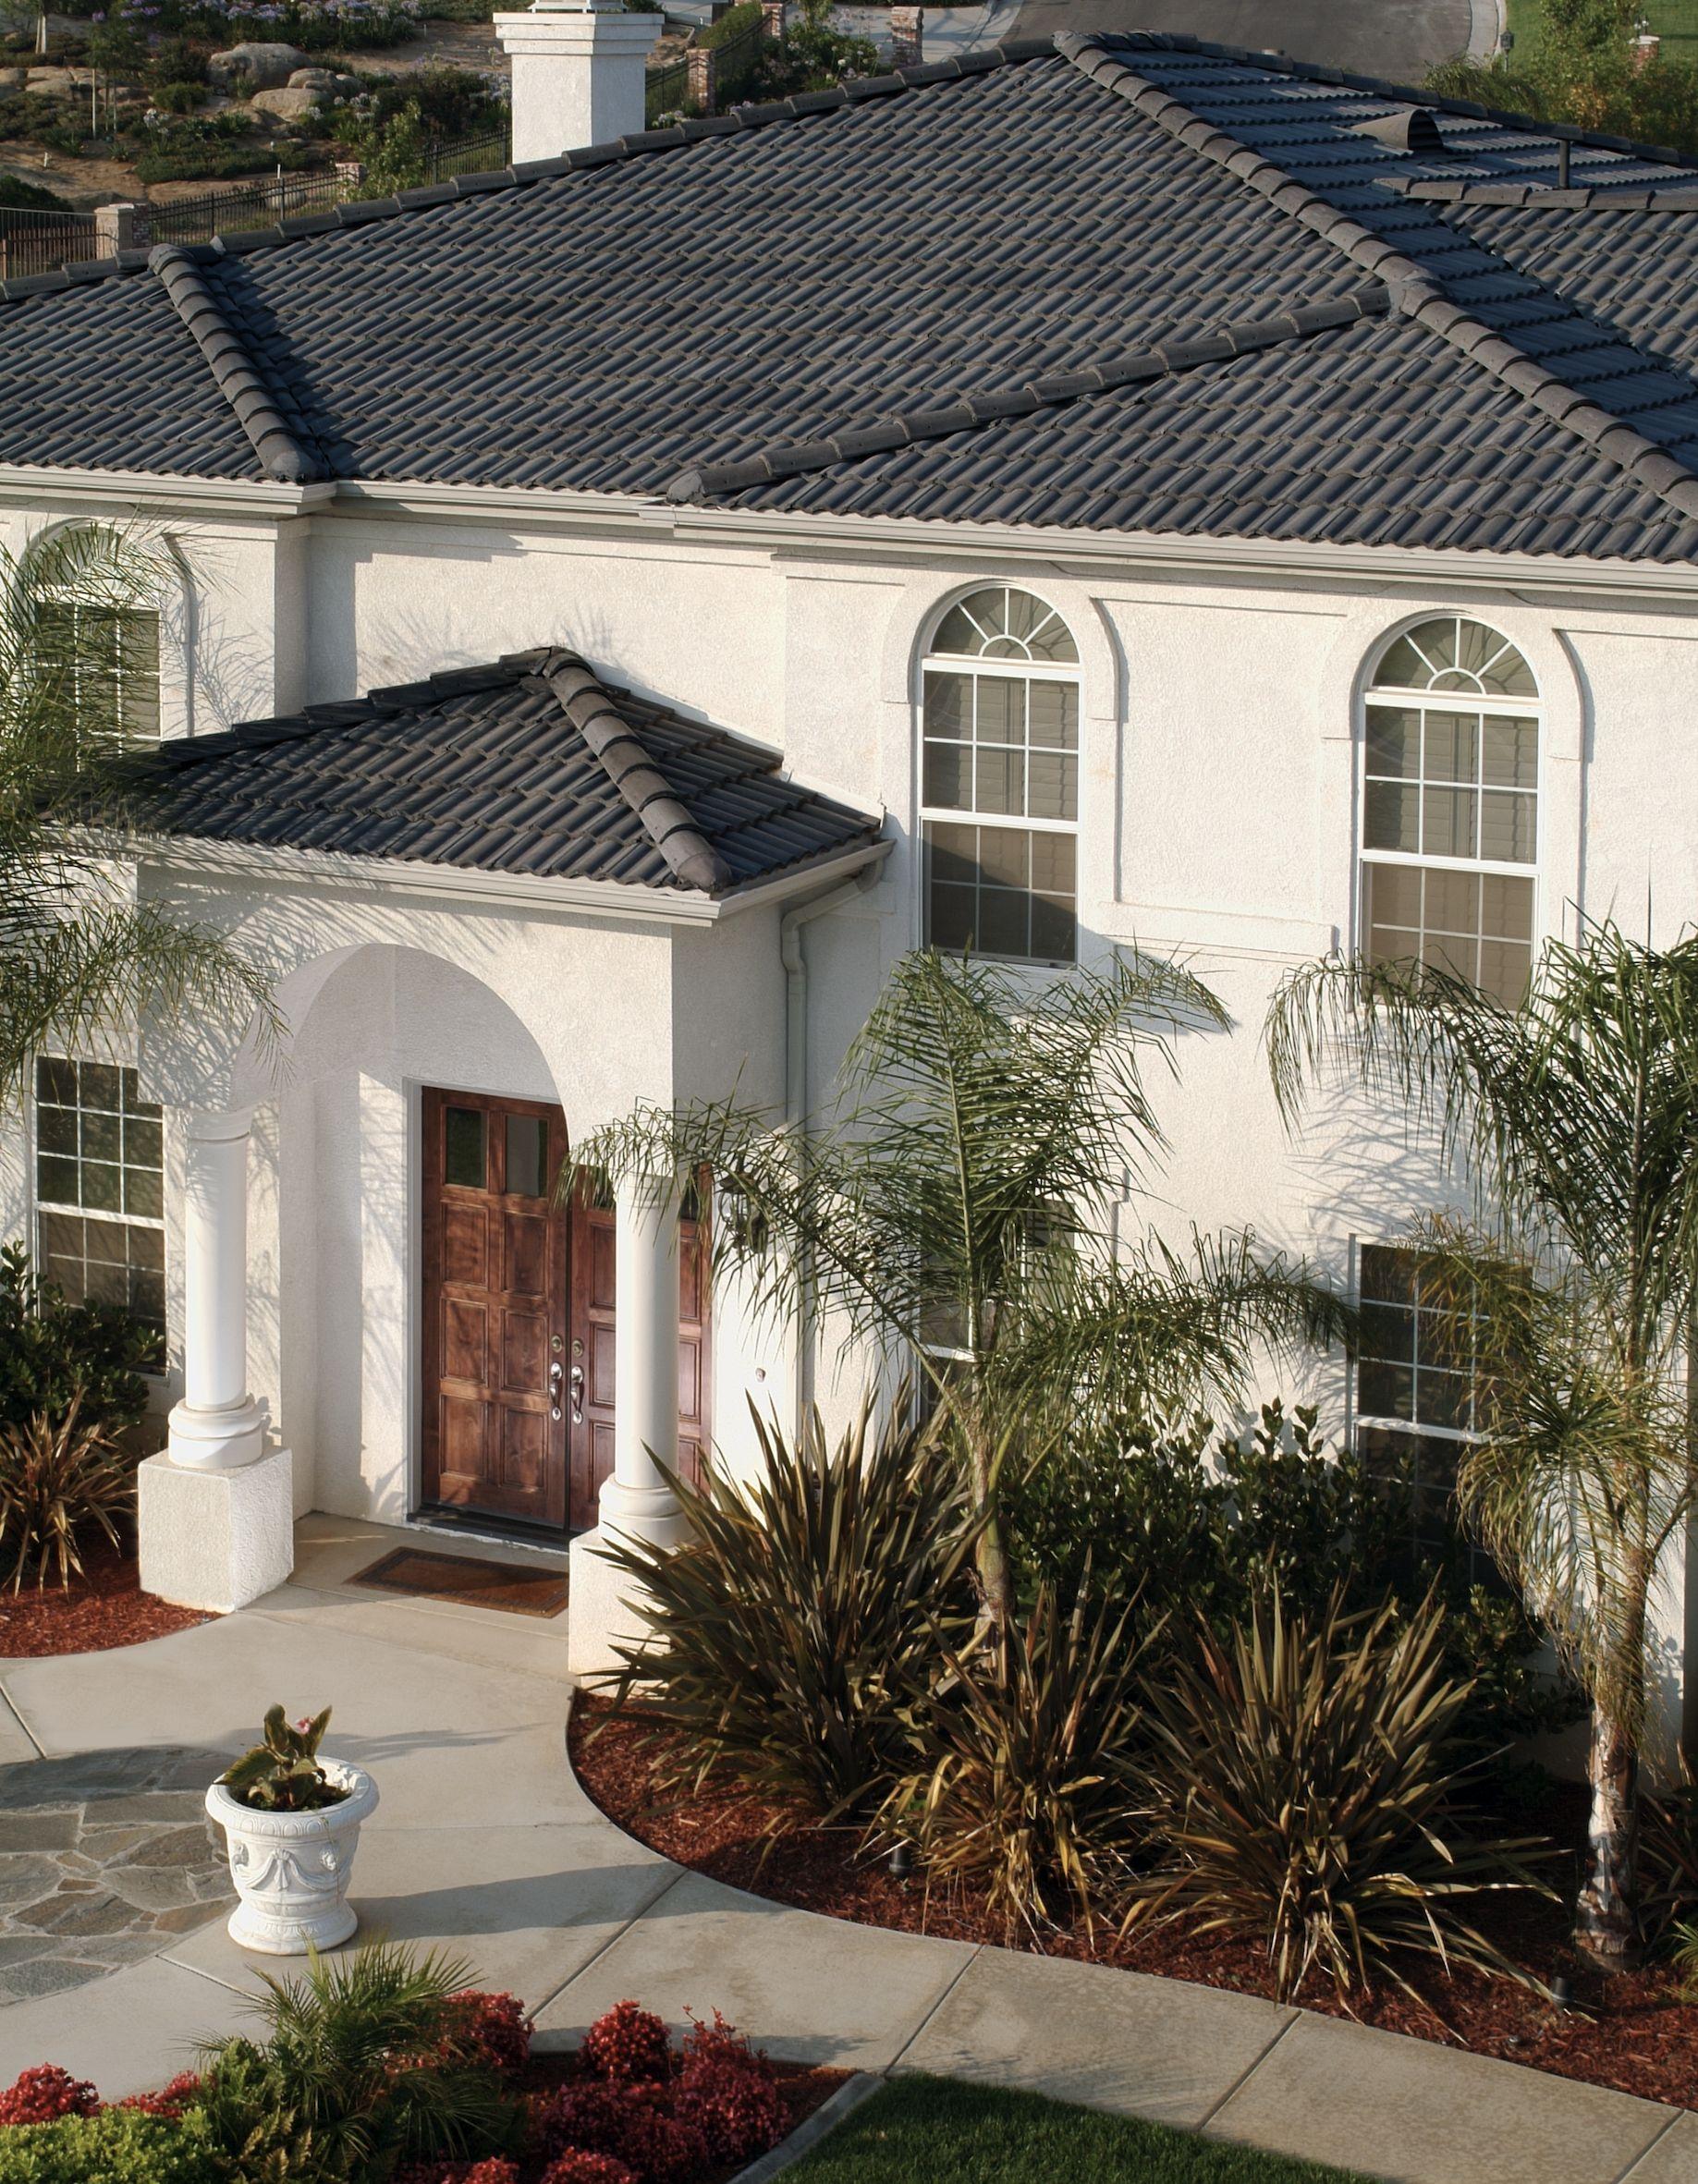 43 Colorful Exterior Tiles Mold Decortez Concrete Roof Tiles Exterior Tiles Roof Tiles